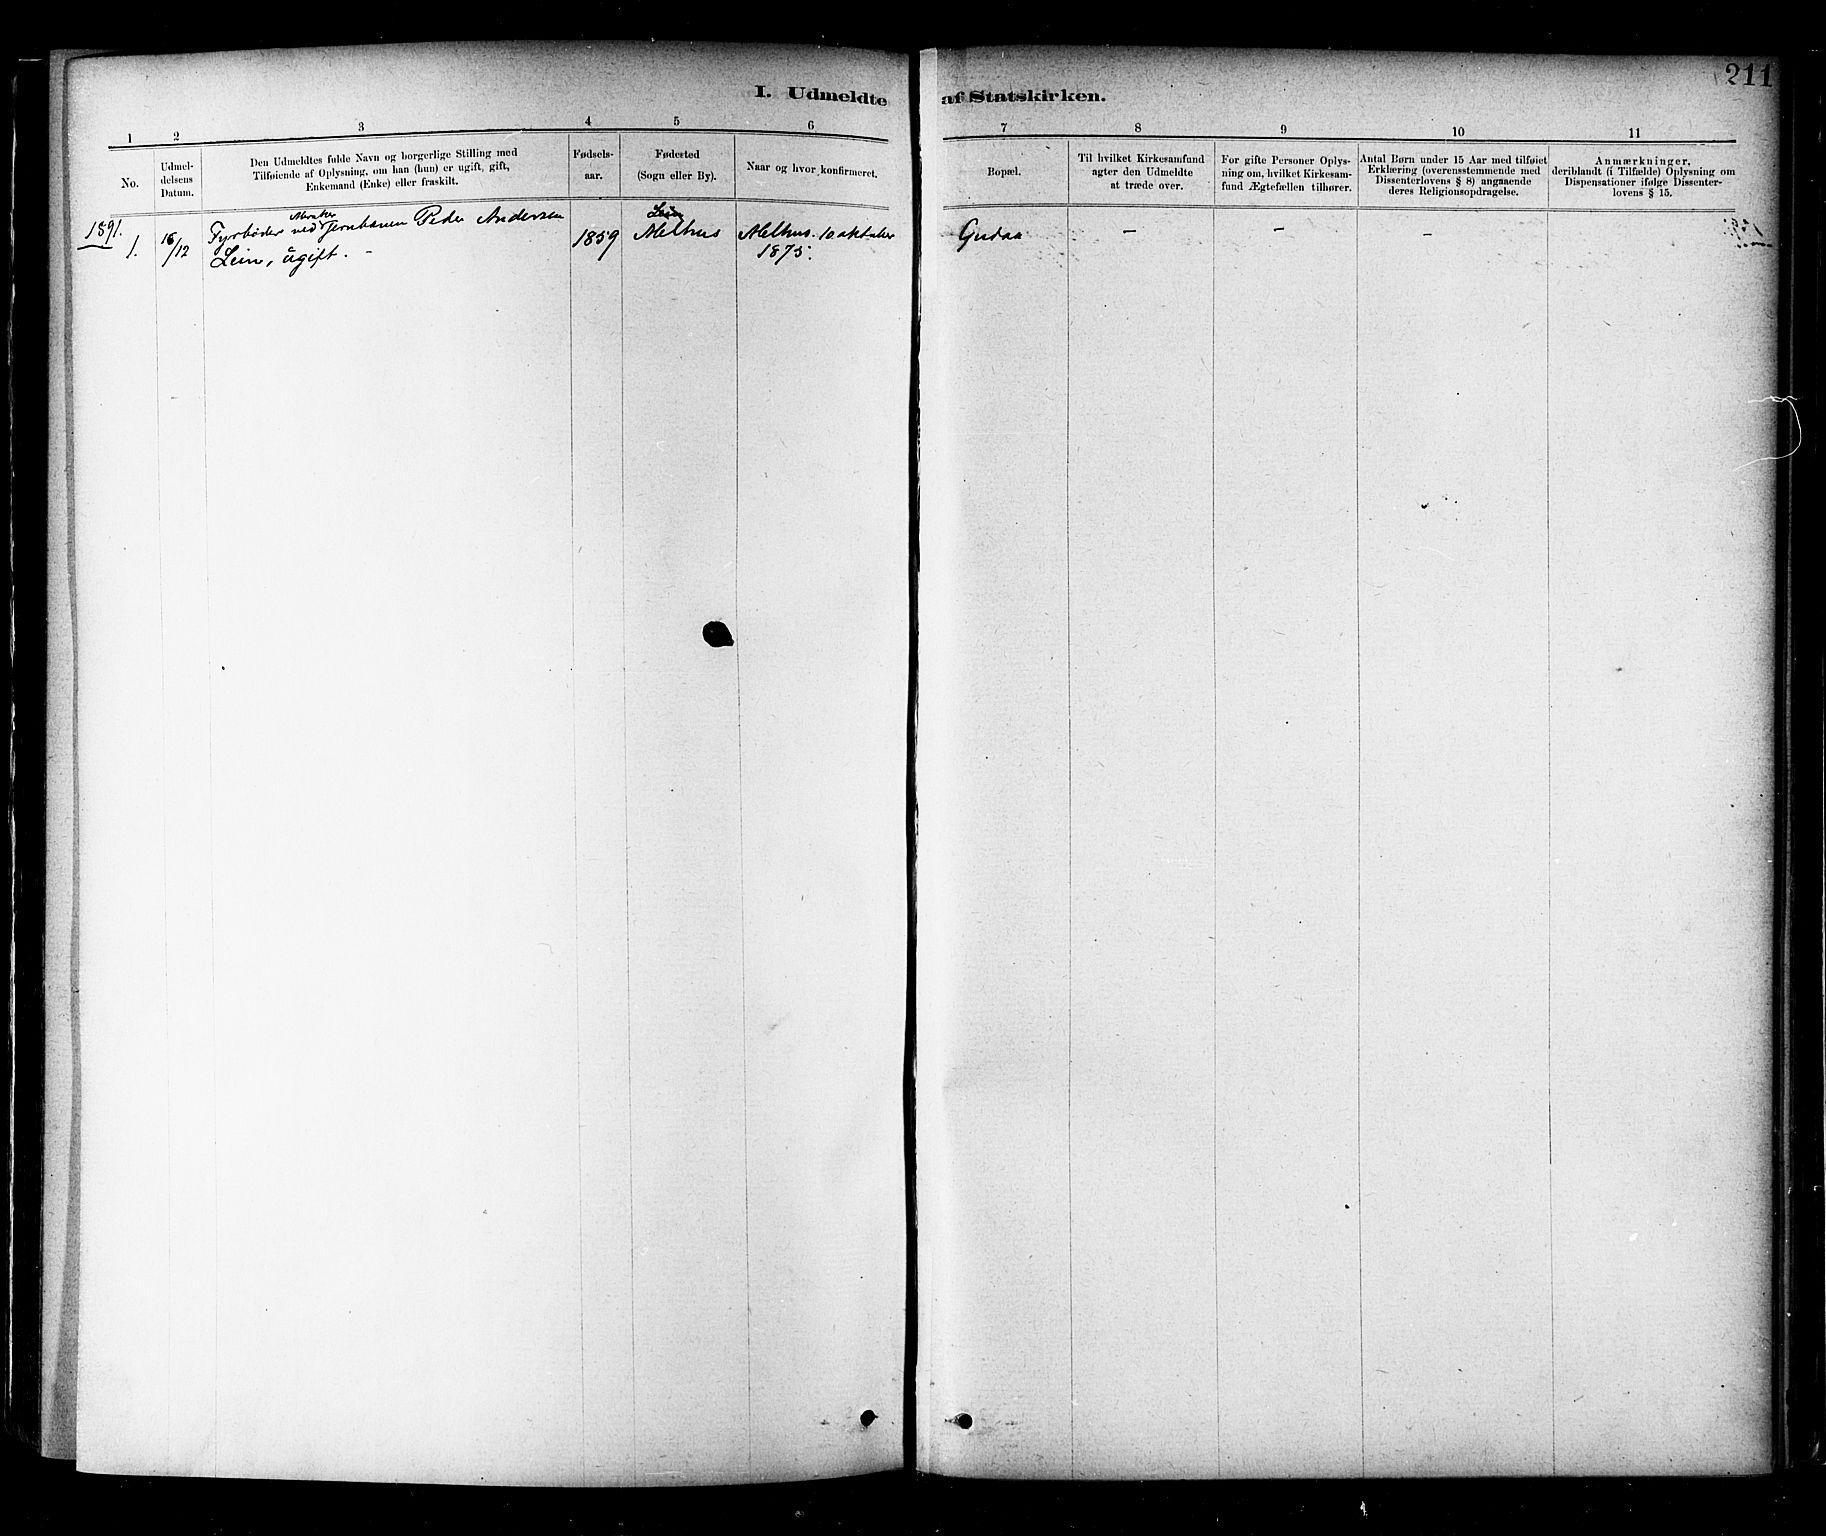 SAT, Ministerialprotokoller, klokkerbøker og fødselsregistre - Nord-Trøndelag, 706/L0047: Ministerialbok nr. 706A03, 1878-1892, s. 211